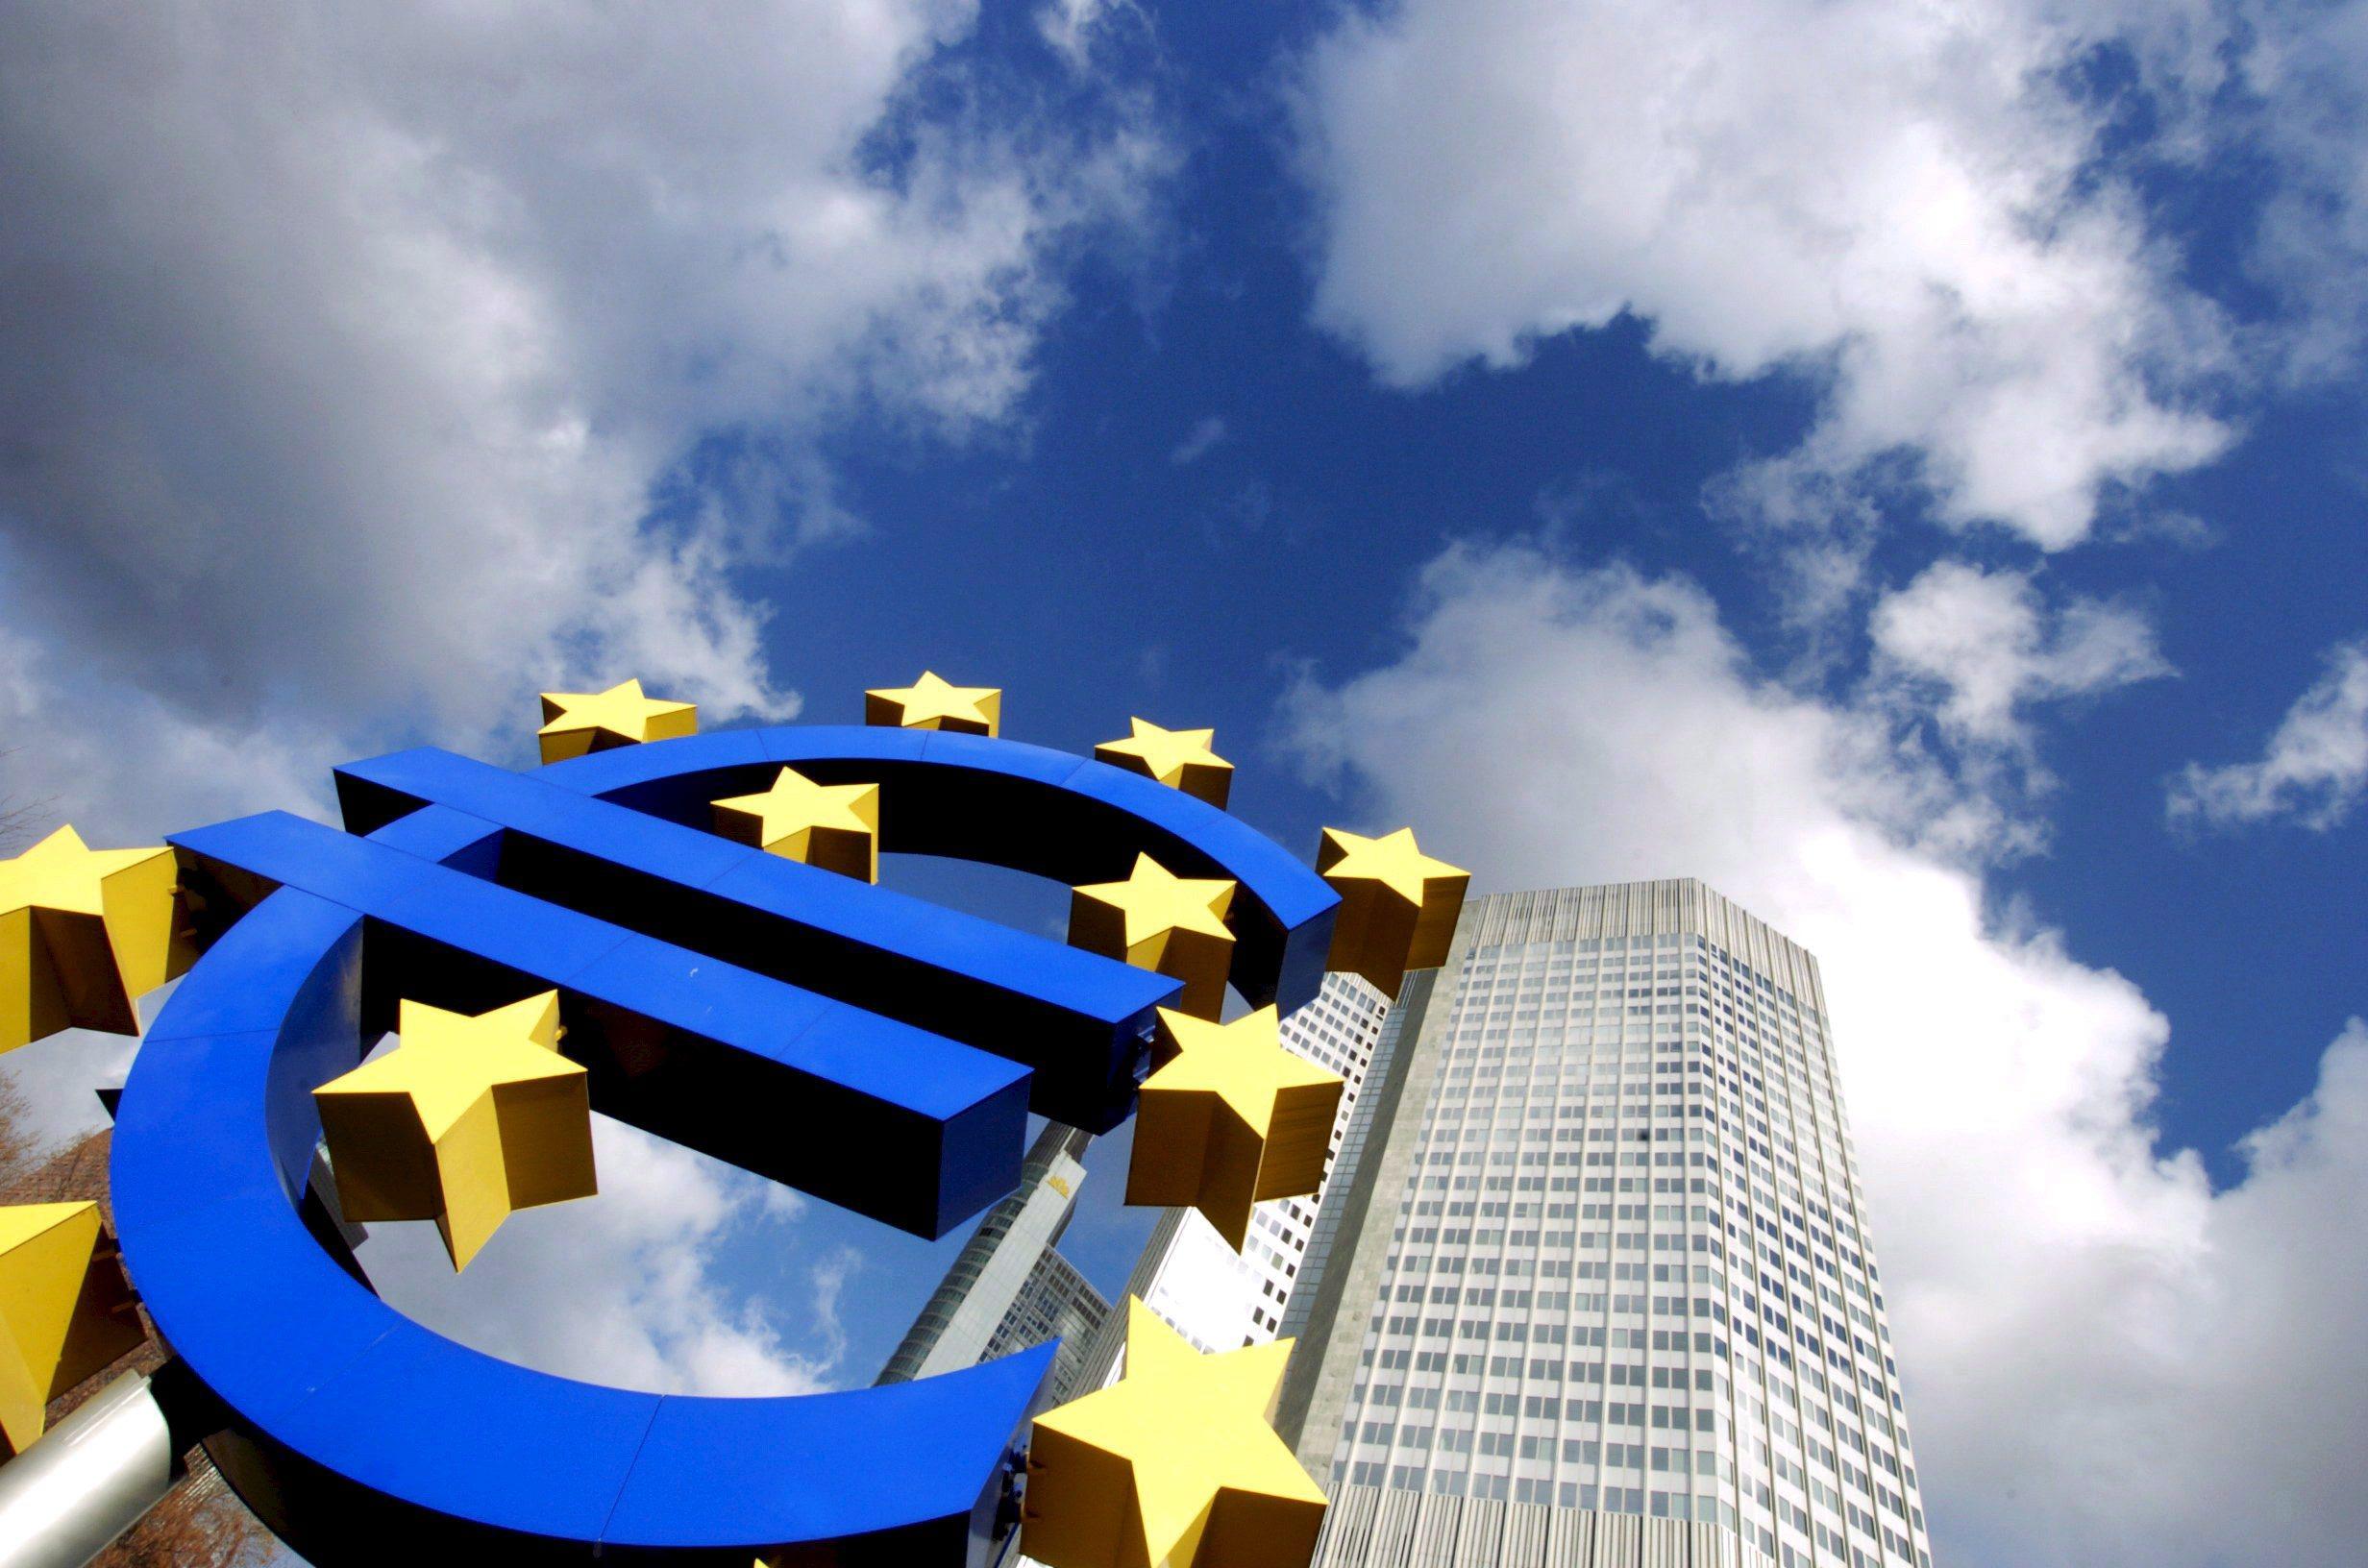 Comissão prorroga prazo de vencimento de empréstimos do Mecanismo Europeu de Estabilização Financeira